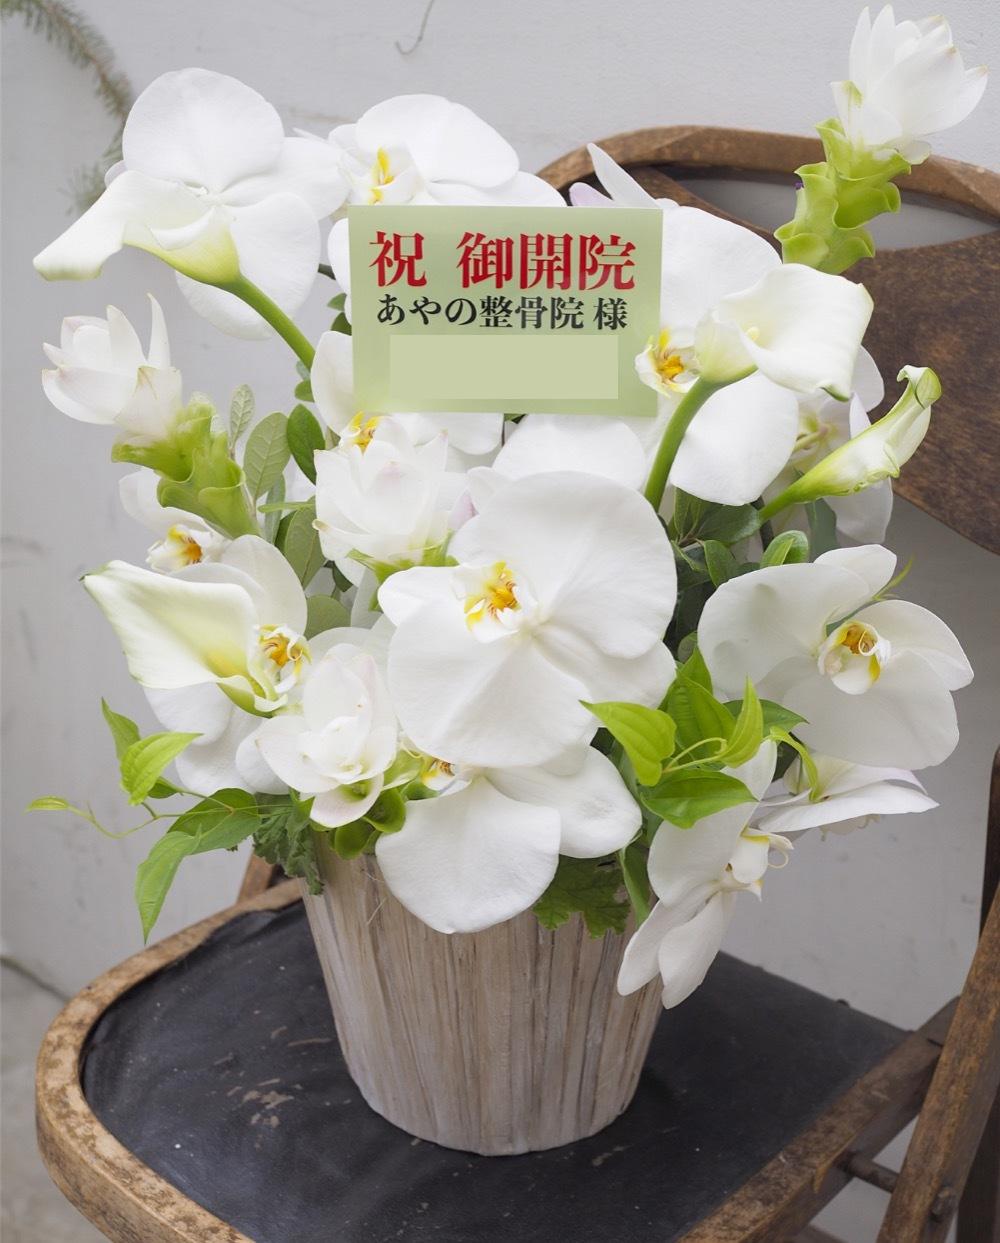 白とグリーンを基調とした整骨院ご開院お祝い花